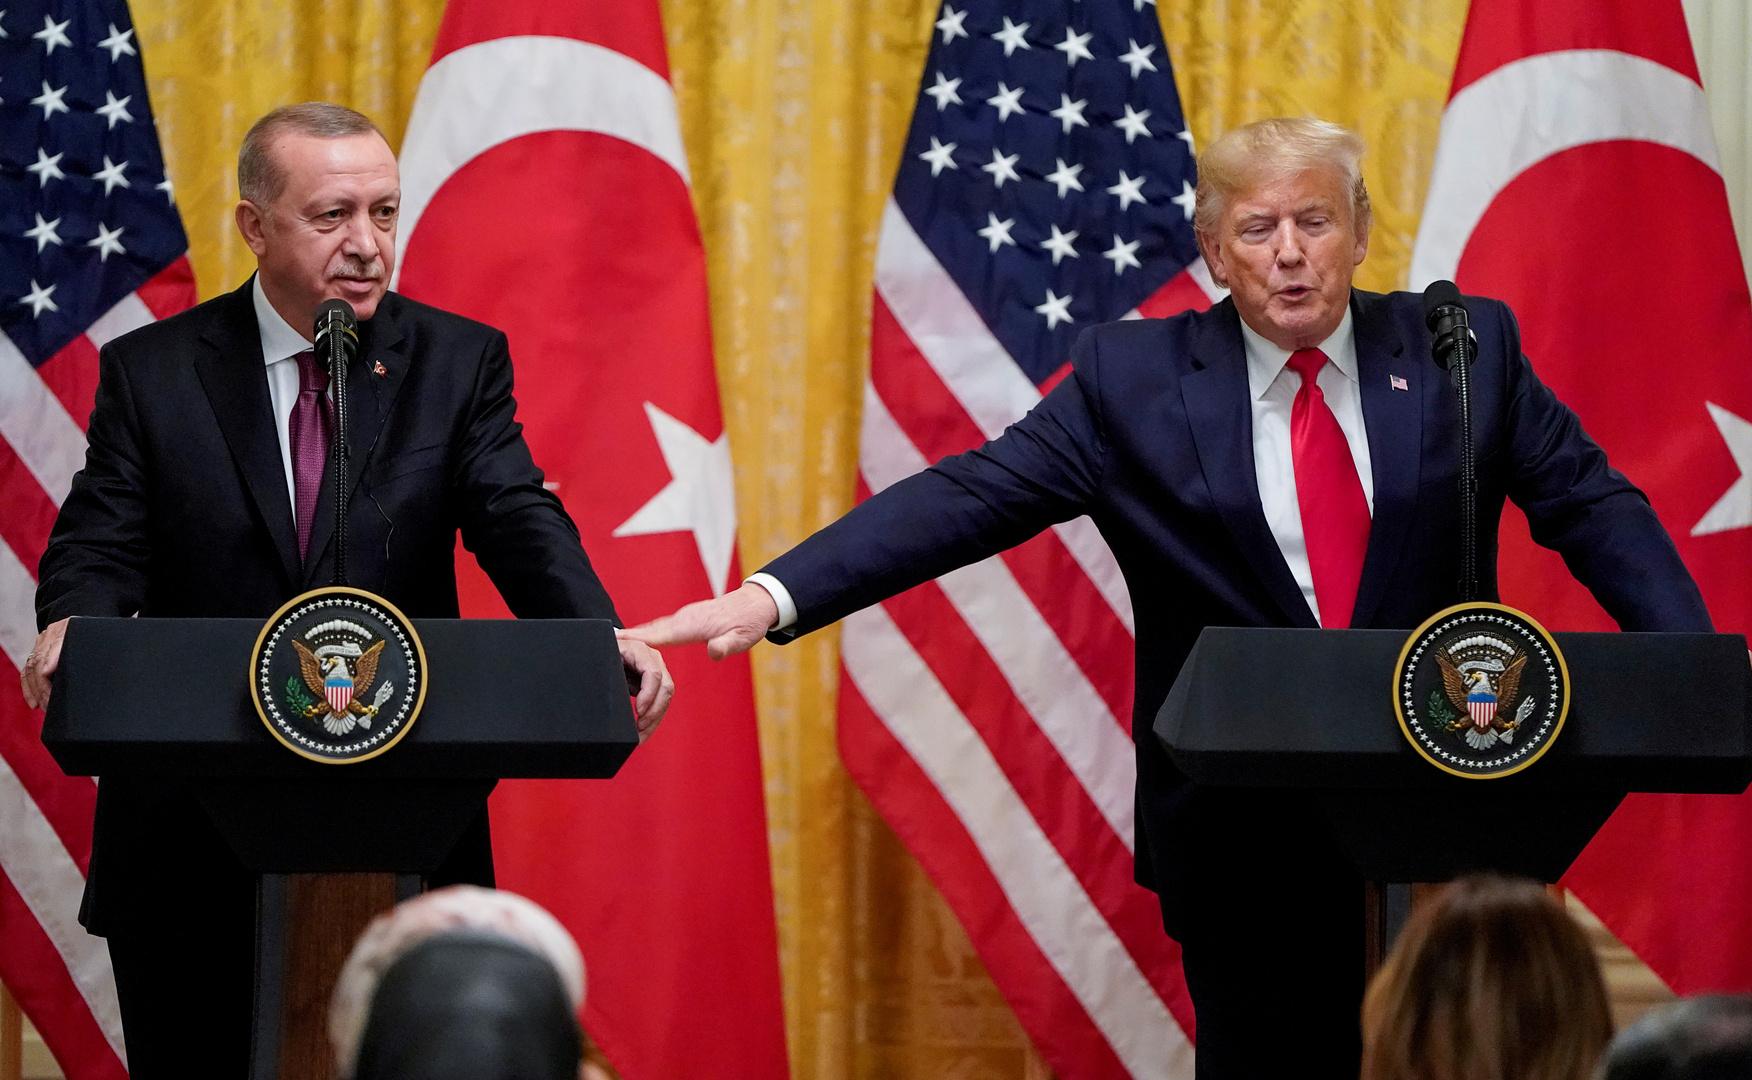 خسارة ترامب في الانتخابات ستطلق يد أردوغان وعندها تحل المصيبة